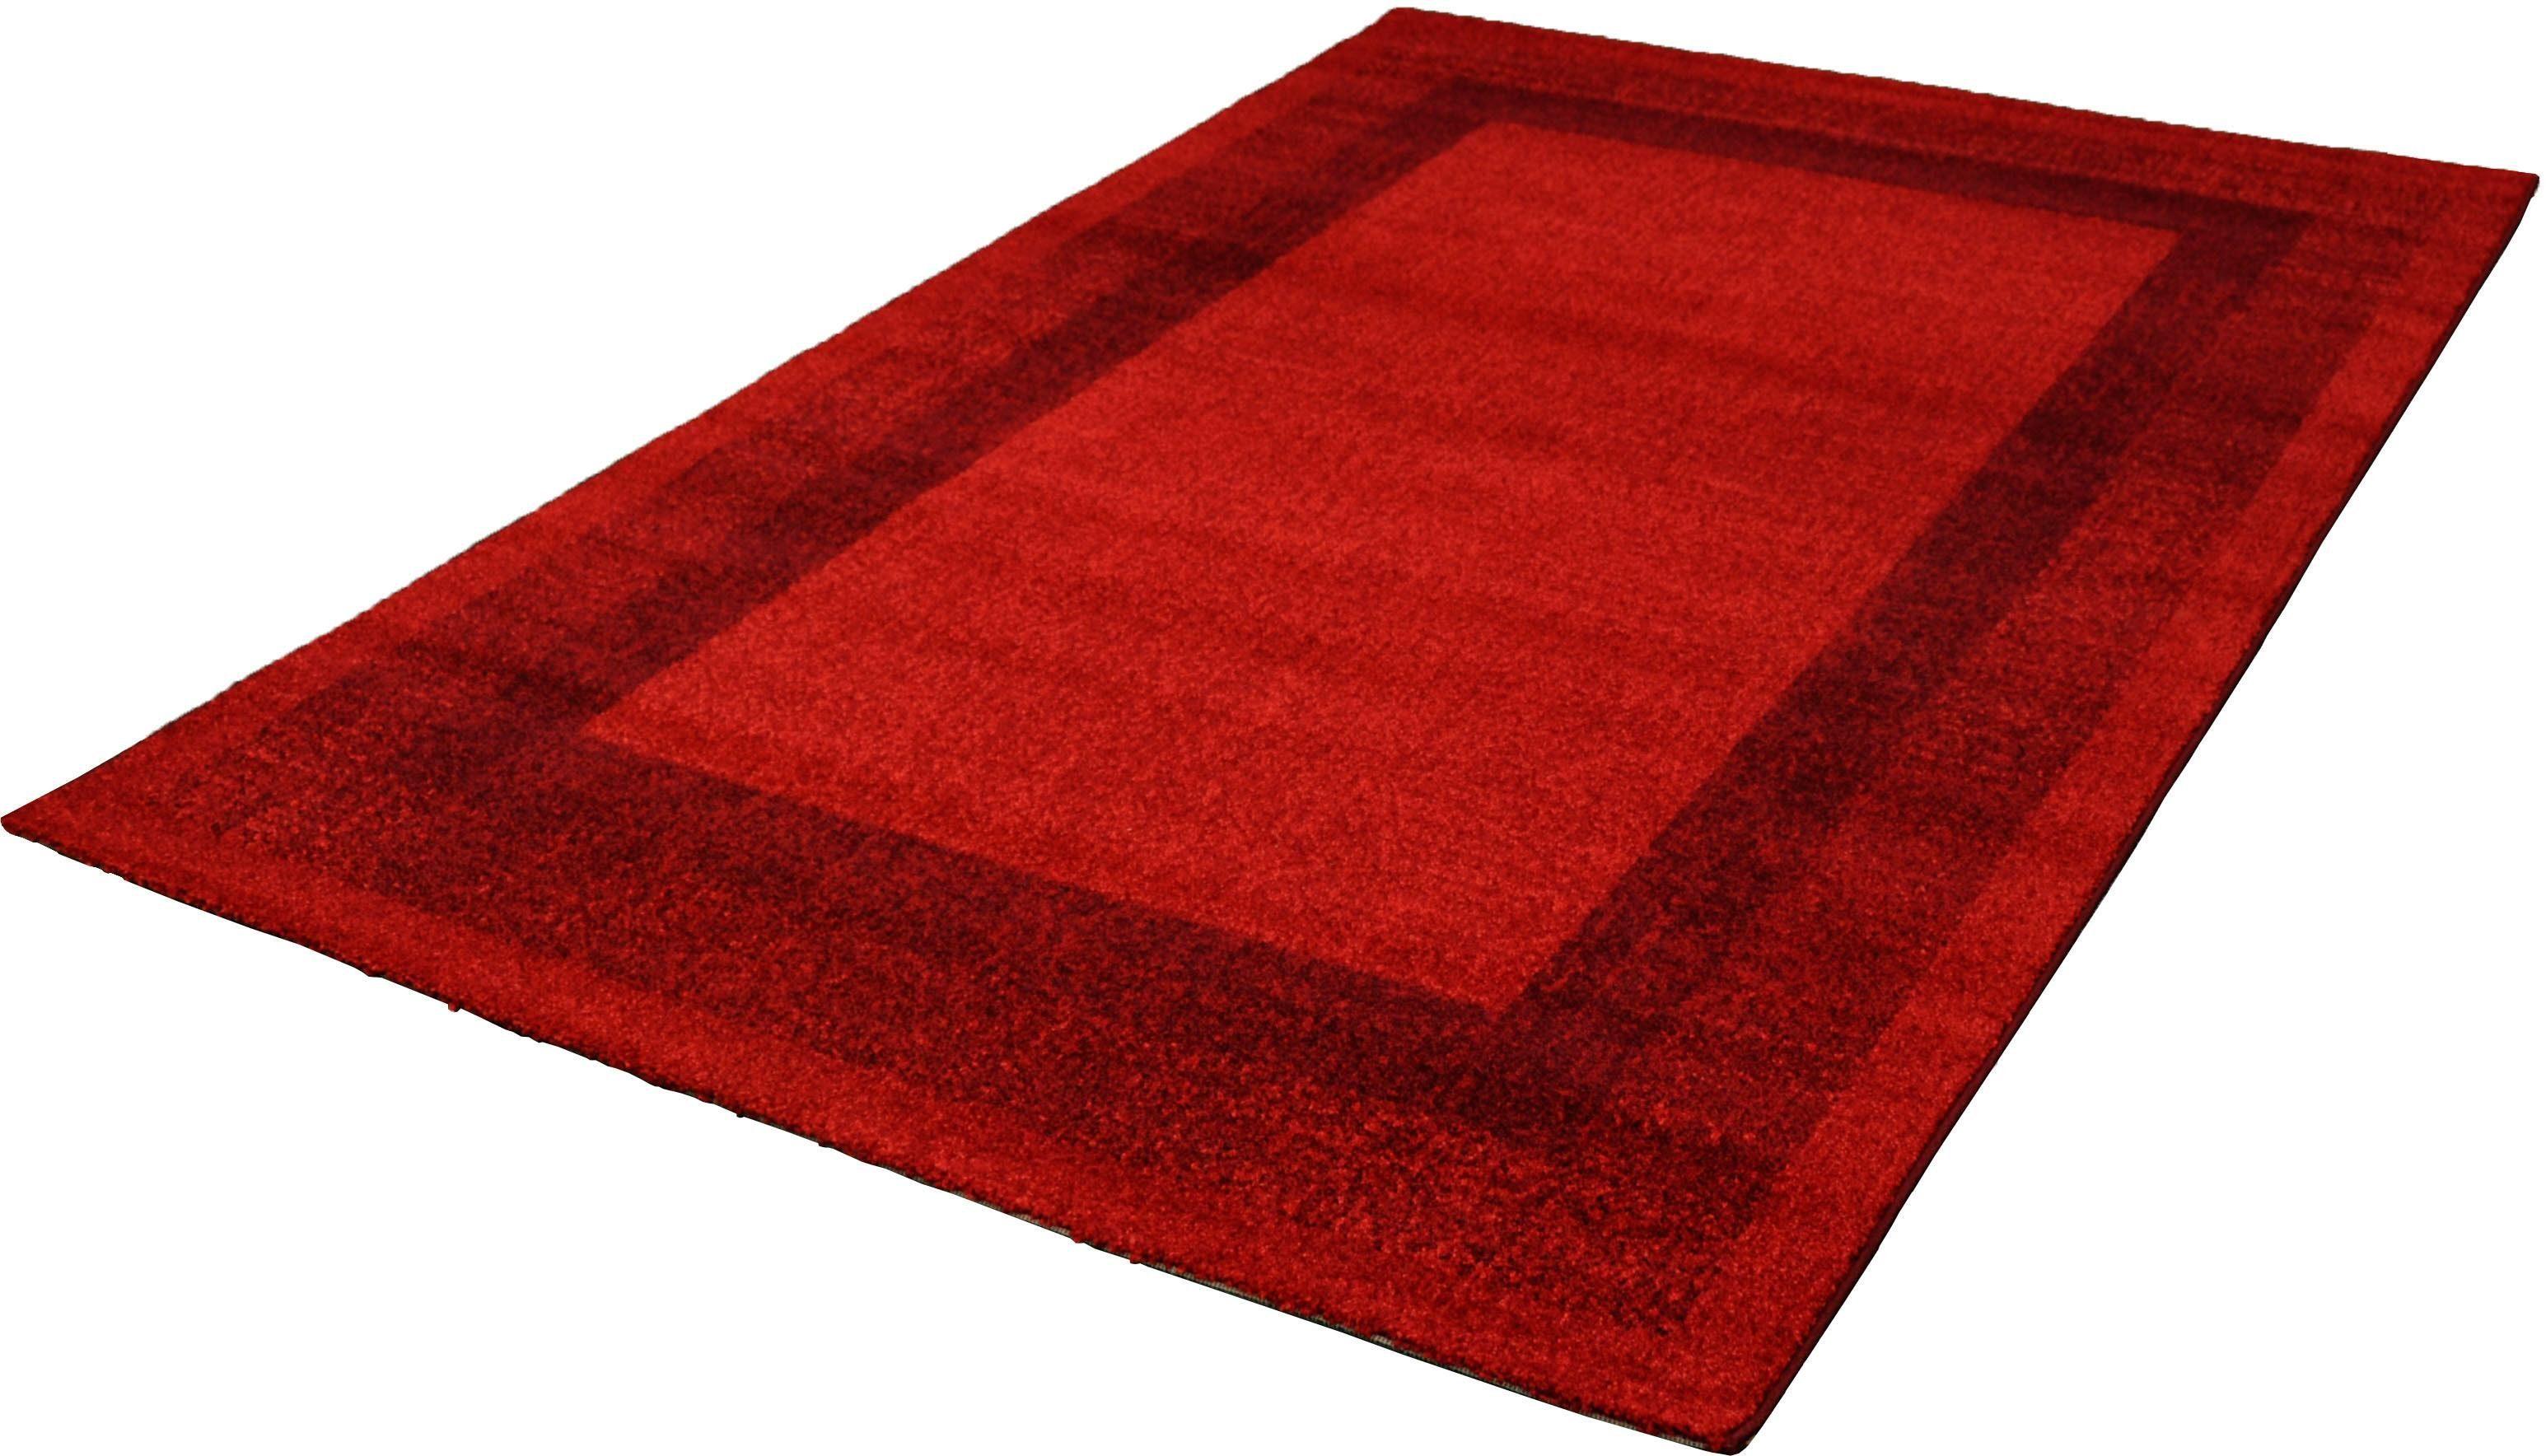 Teppich »Chester 1215«, merinos, rechteckig, Höhe 9 mm